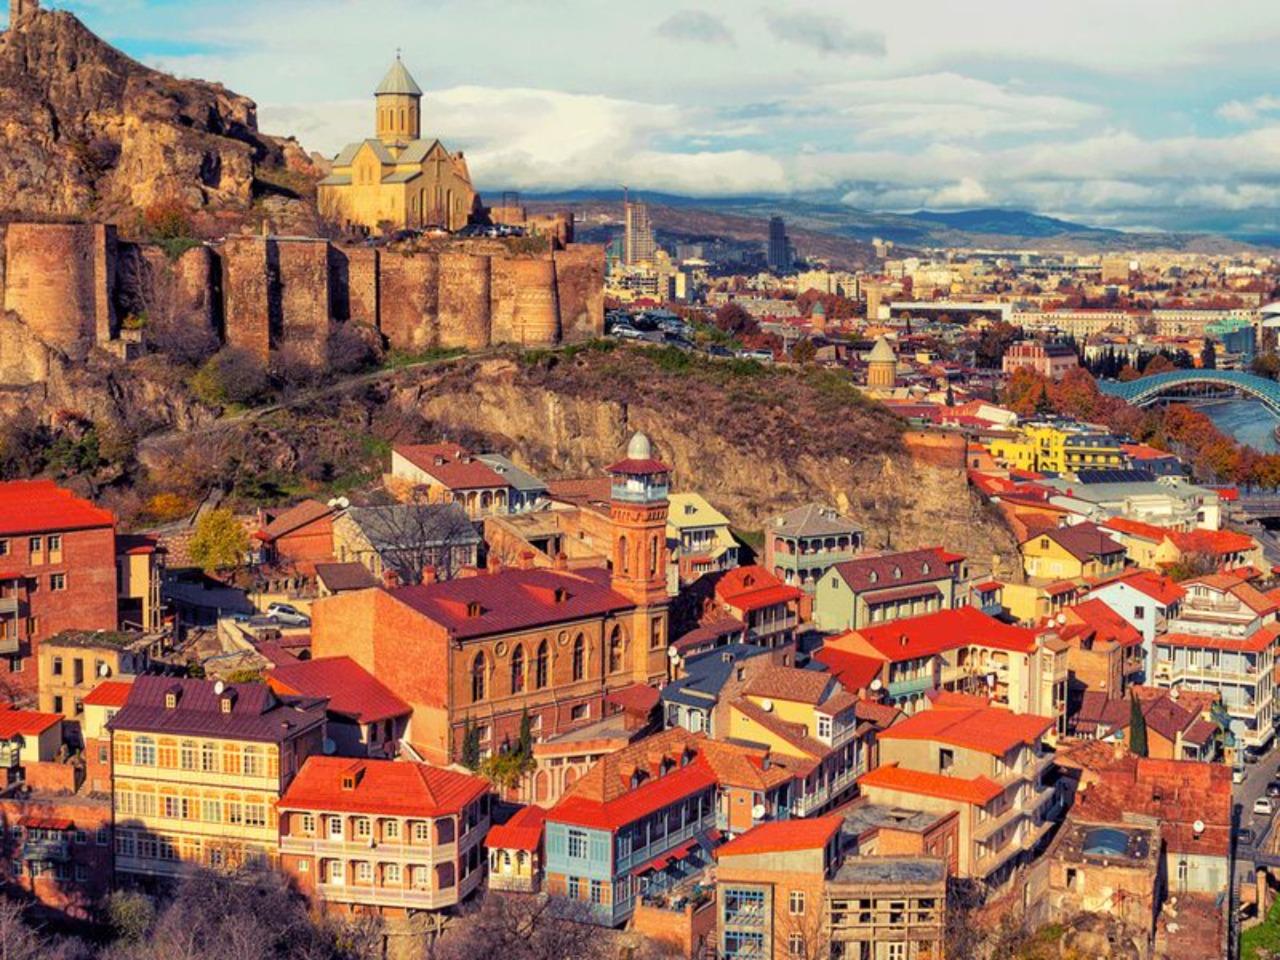 Культурно-исторический тур по Тбилиси - индивидуальная экскурсия в Тбилиси от опытного гида